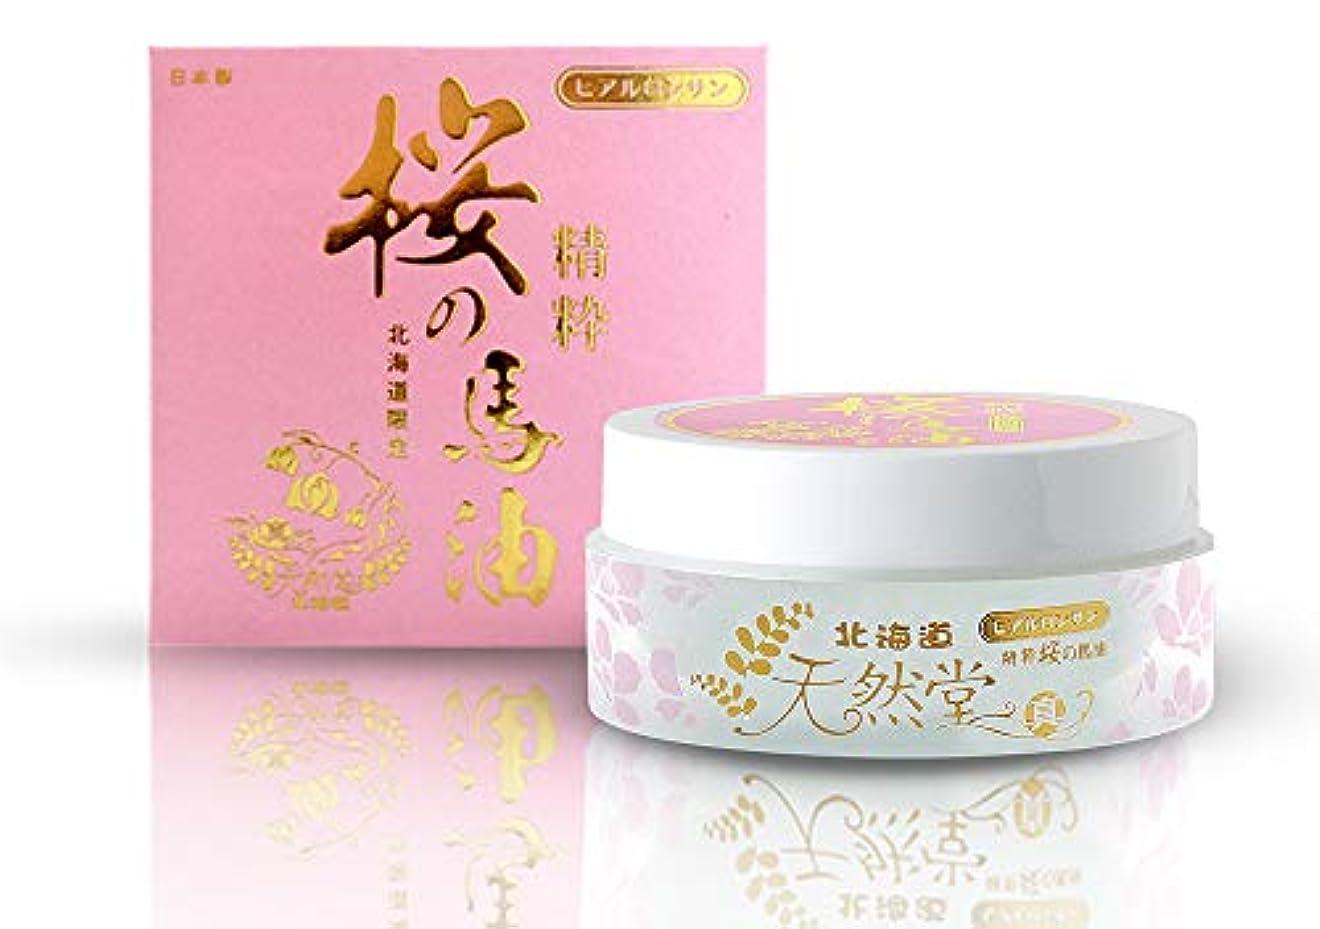 胸異議肌寒い精粋桜の馬油クリーム 80g / 北海道天然堂